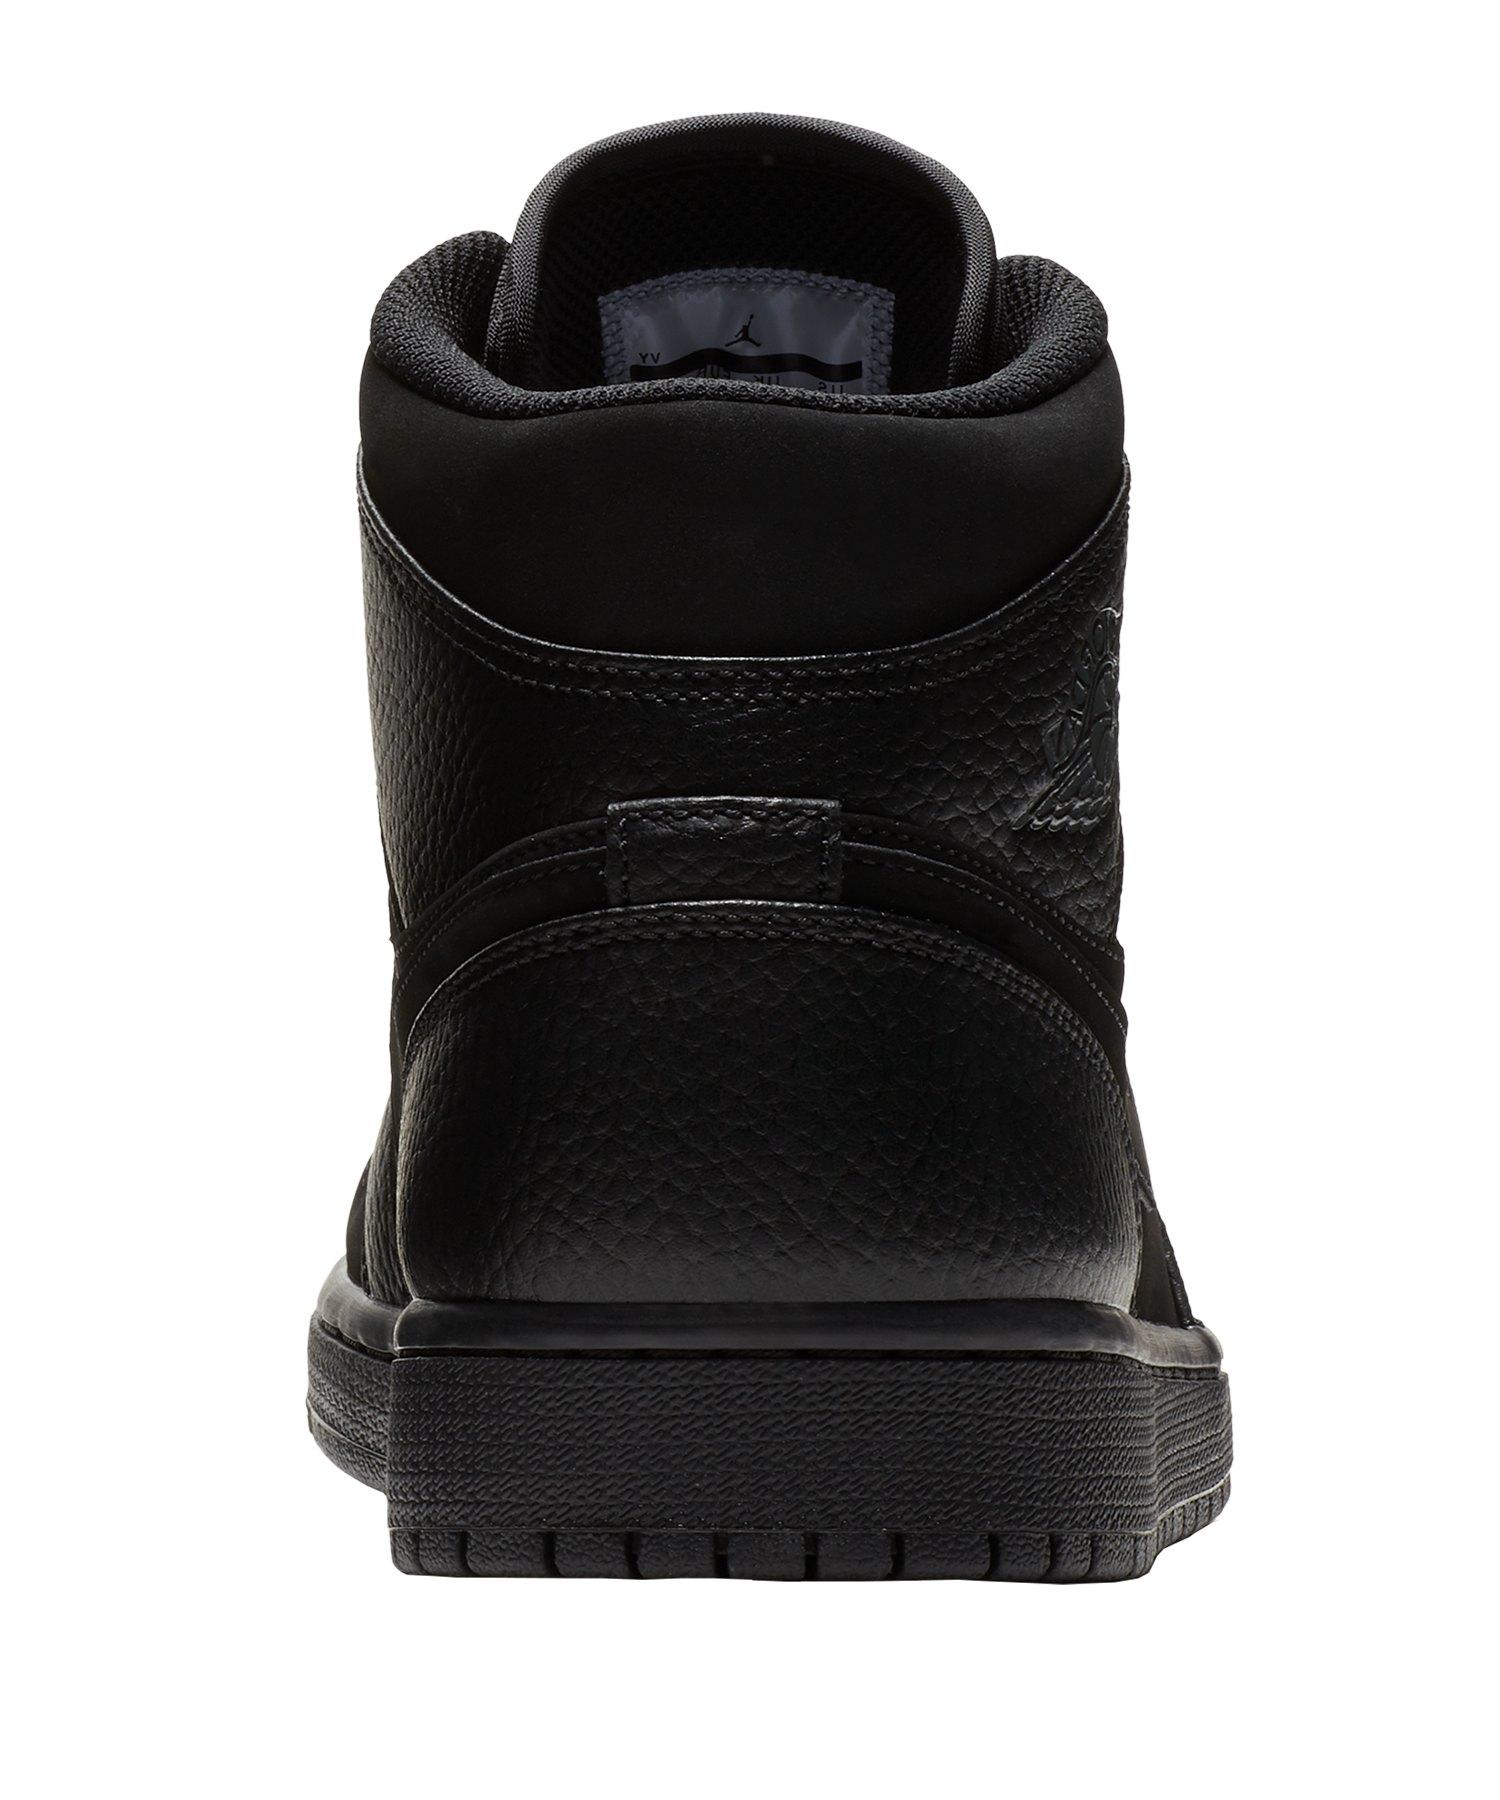 buy online bb5ec 6aa88 ... Jordan Air 1 Mid Sneaker Schwarz F064 - schwarz ...